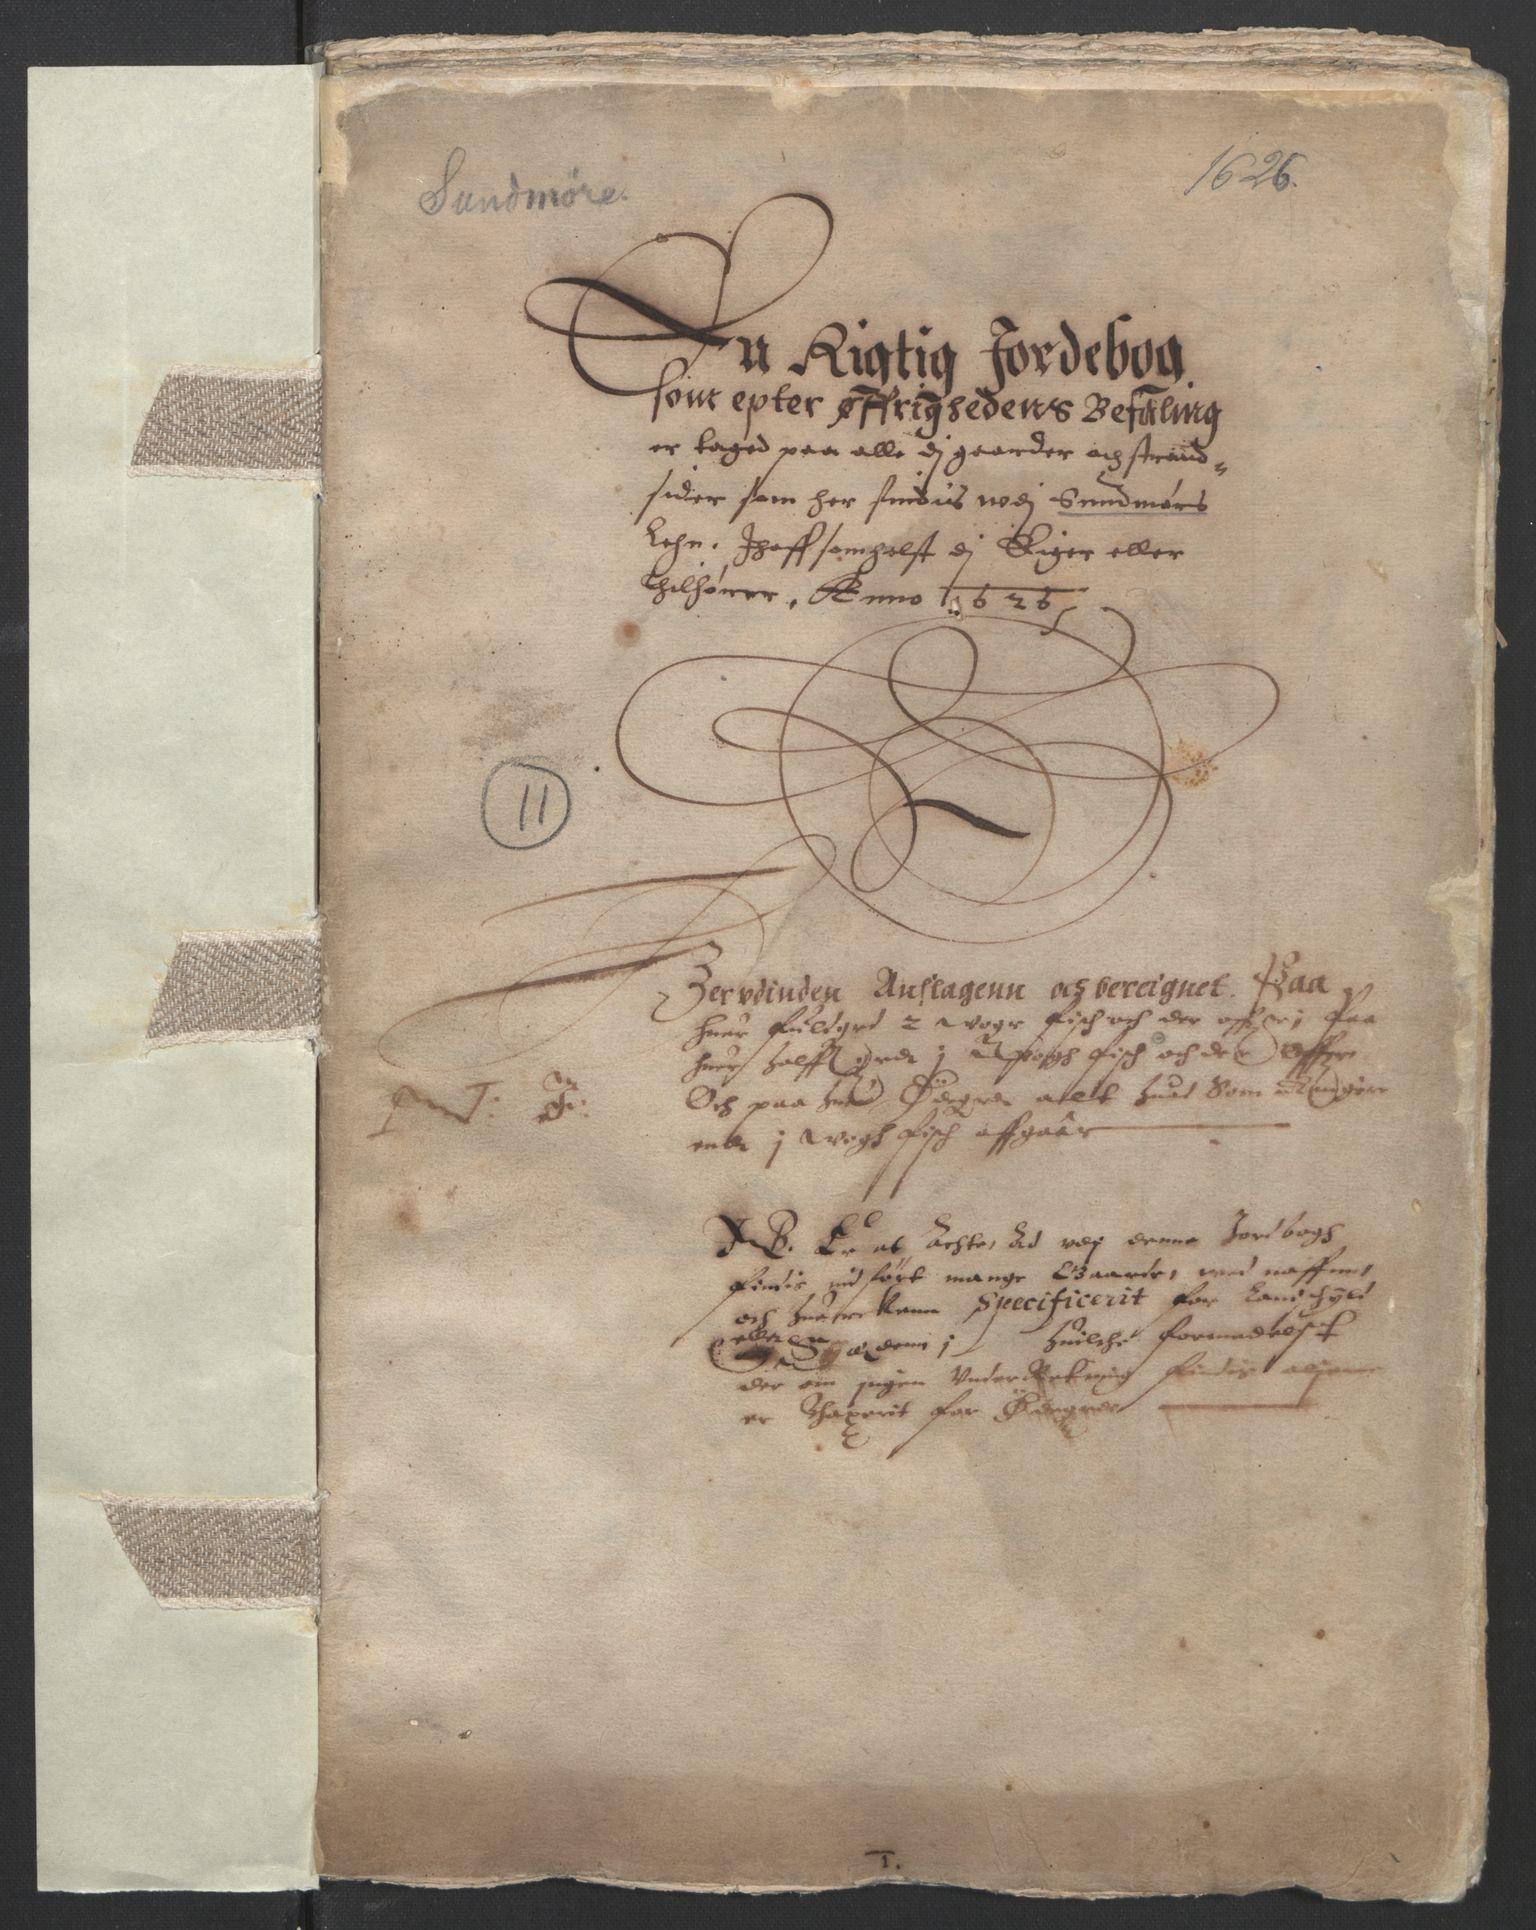 RA, Stattholderembetet 1572-1771, Ek/L0005: Jordebøker til utlikning av garnisonsskatt 1624-1626:, 1626, s. 142